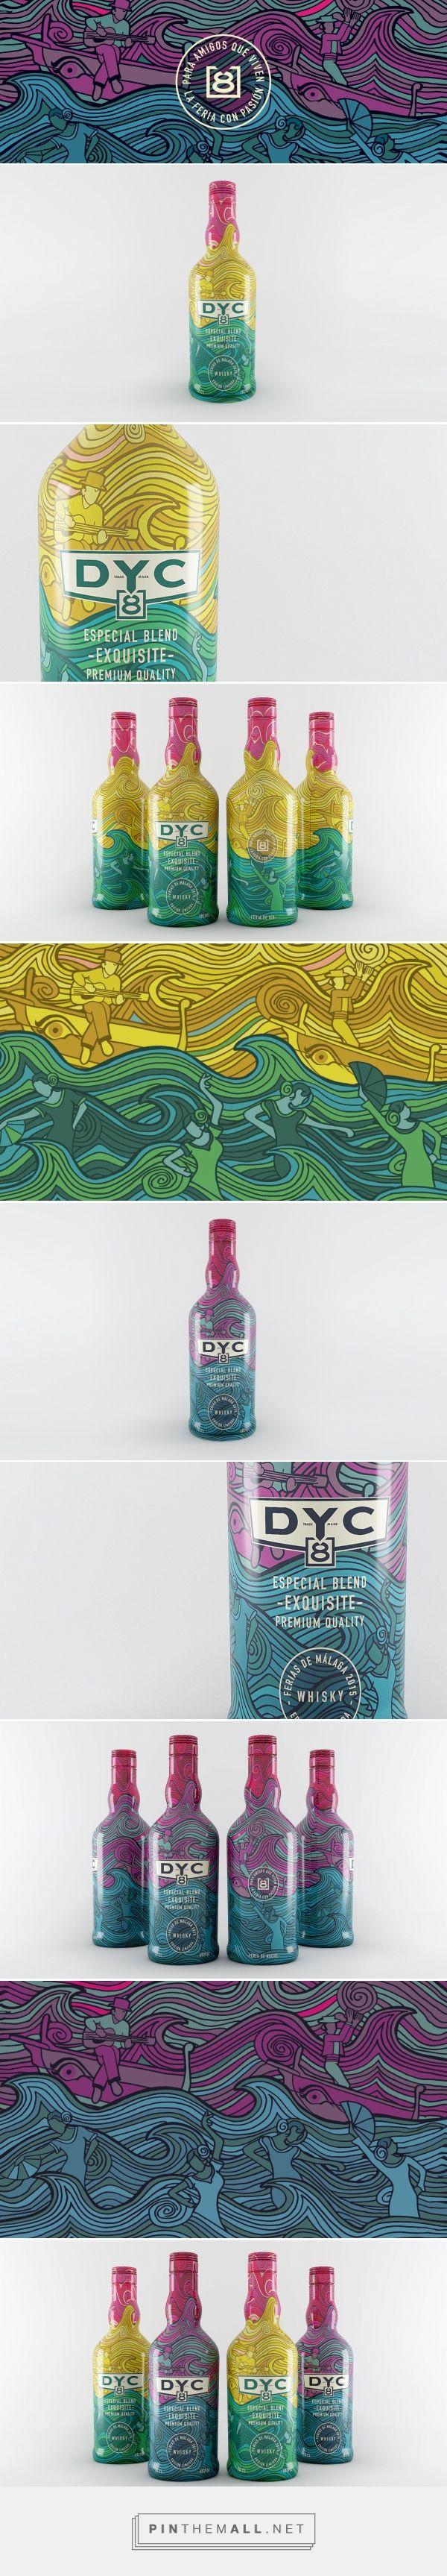 DYC 8 Ferias de Málaga via Narita Estudio curated by Packaging Diva PD. Beautiful packaging design concept for Destilerías y Crianzas del Whisky S.A.